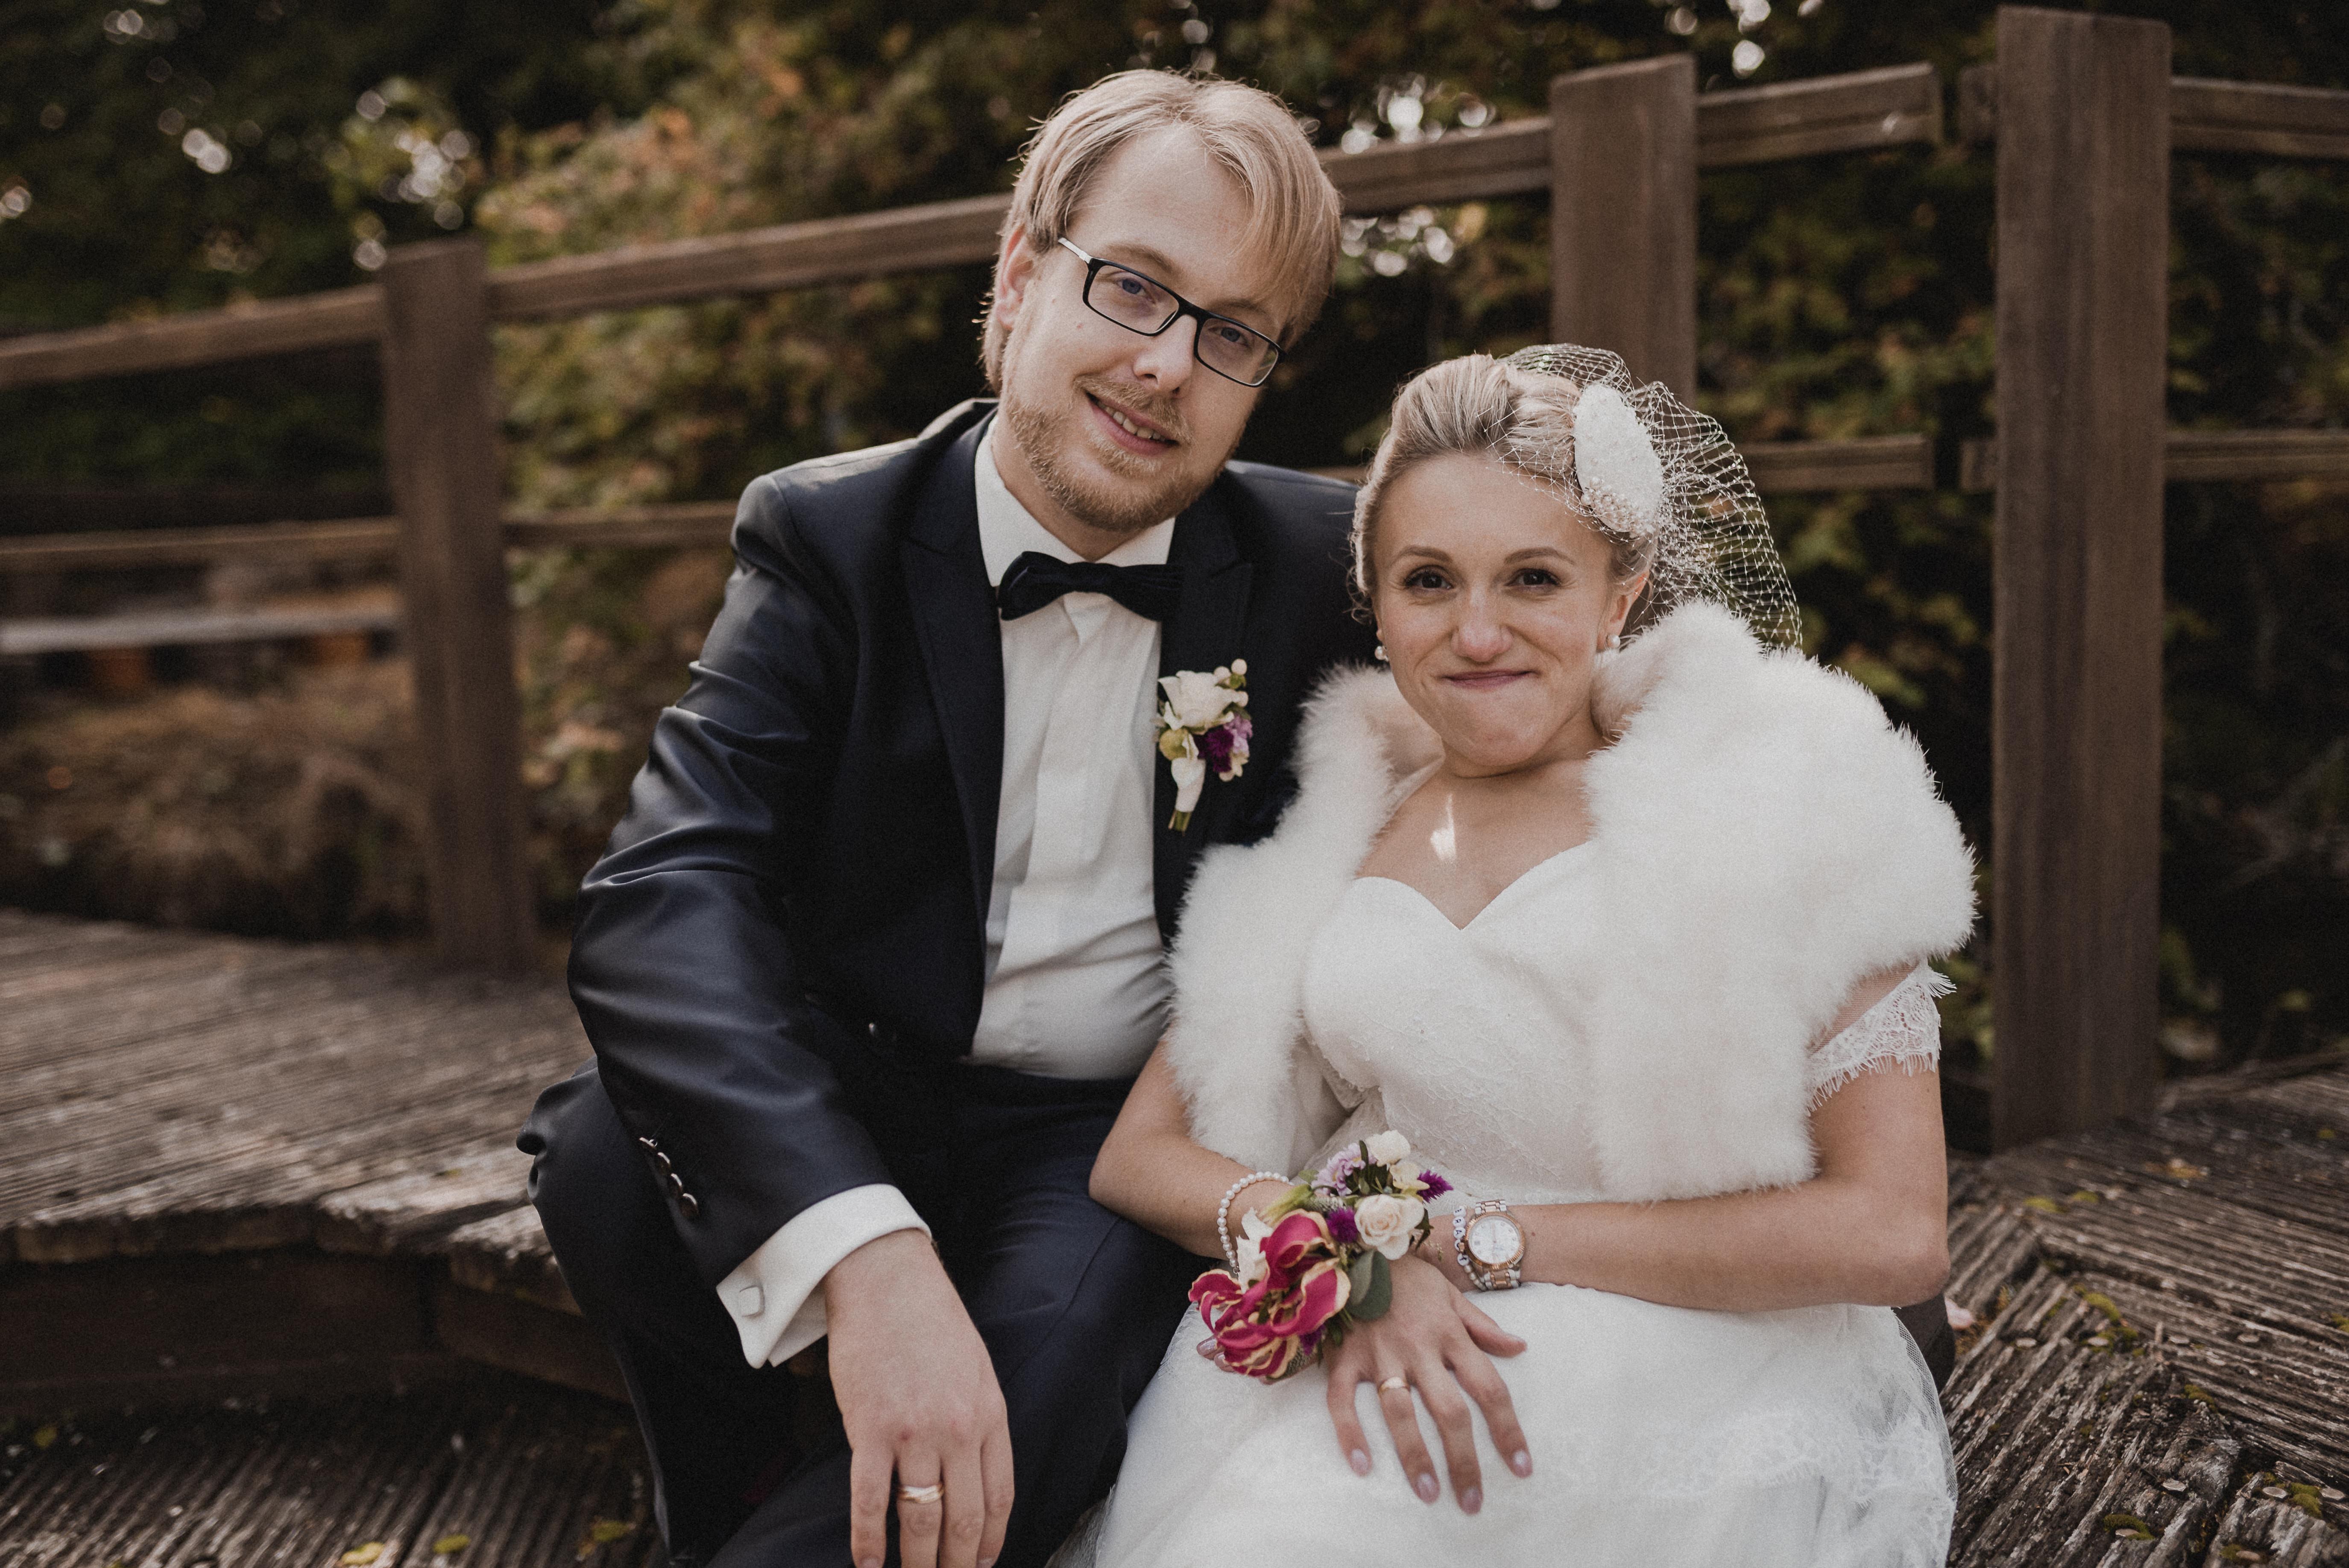 Eva, Uwe, Hochzeit, Brautstyling, vegane Braut, Naturkosmetik, Hofgut Georgenthal